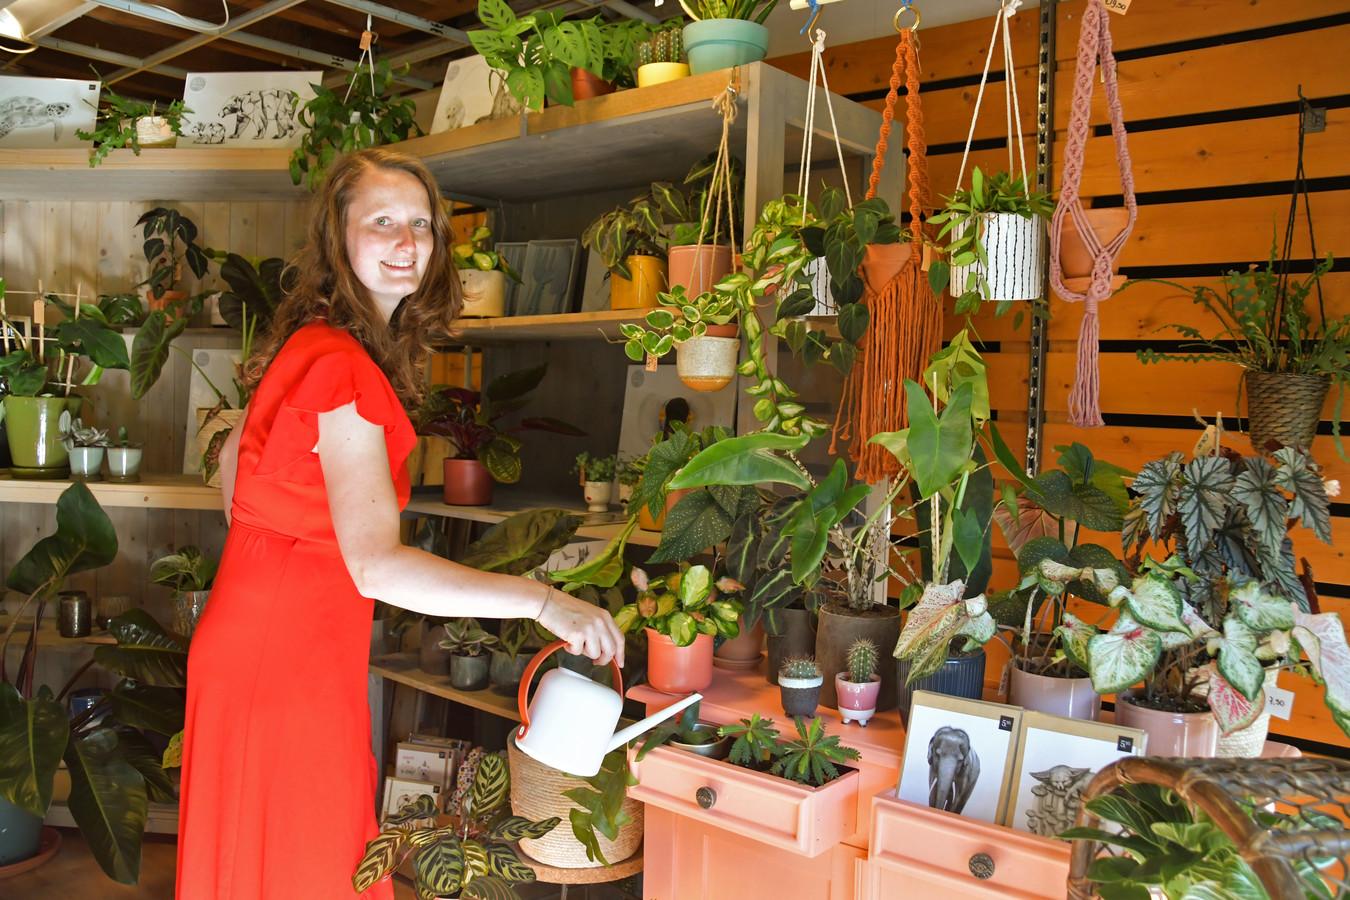 Hanneke Vermeirssen (29) opende plantenwinkel huisje.plantje.beestje. in Oostburg afgelopen mei. Als ze er zelf ook gaat wonen, wordt poes Poekje de shopmanager.